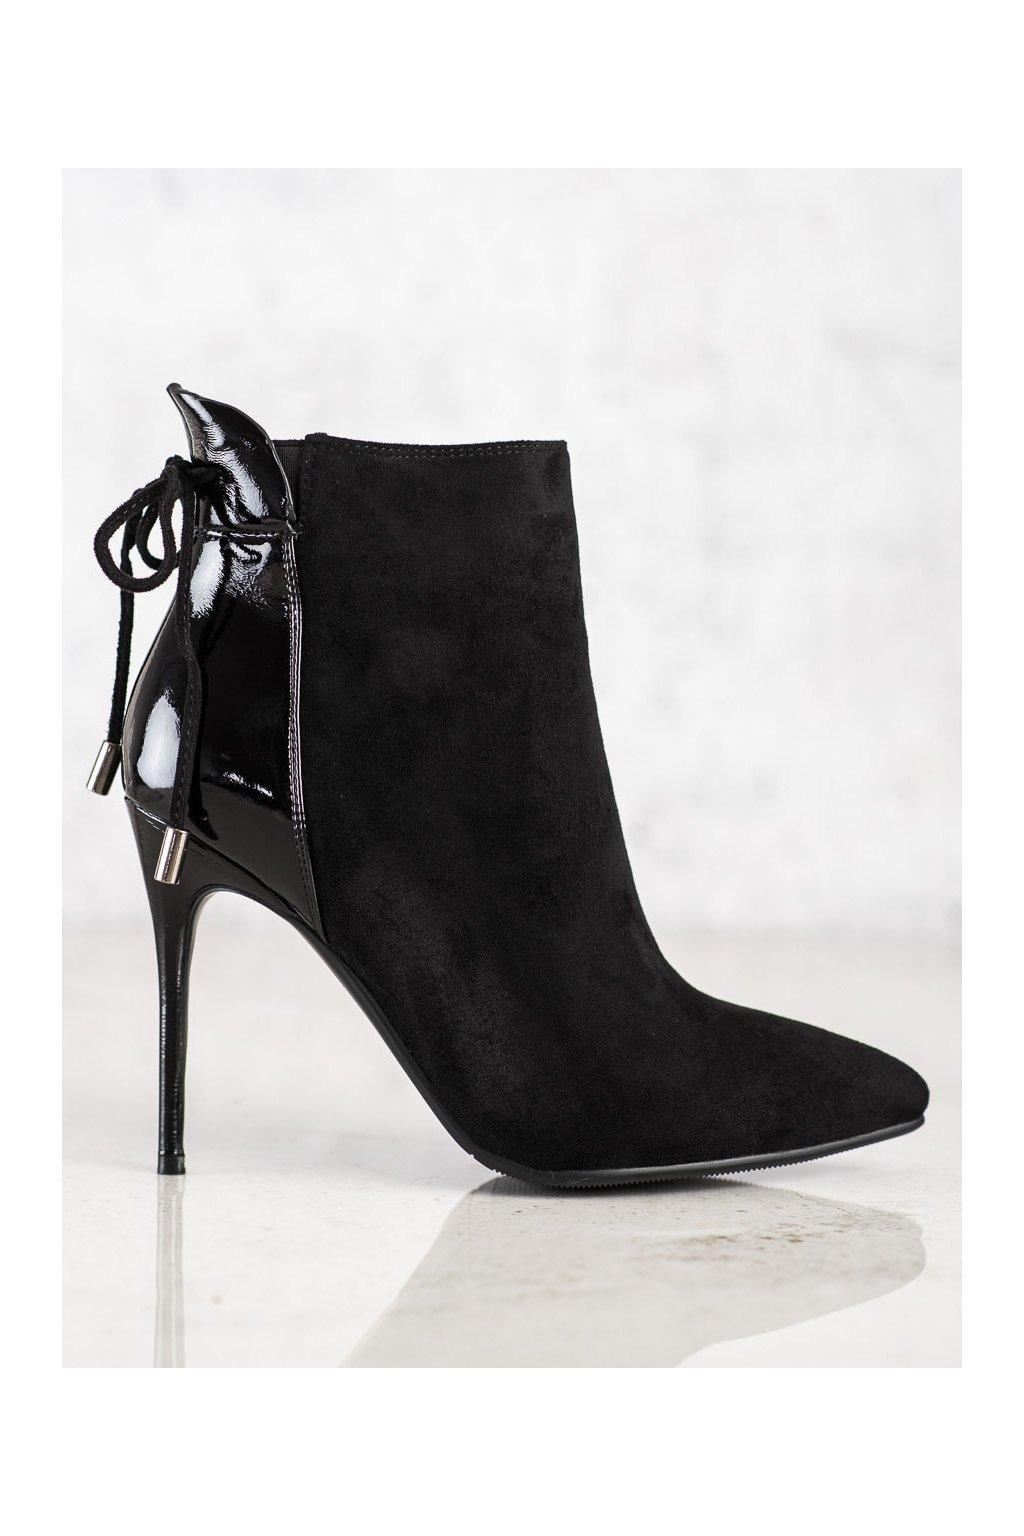 Čierne dámske topánky S. barski kod F34B